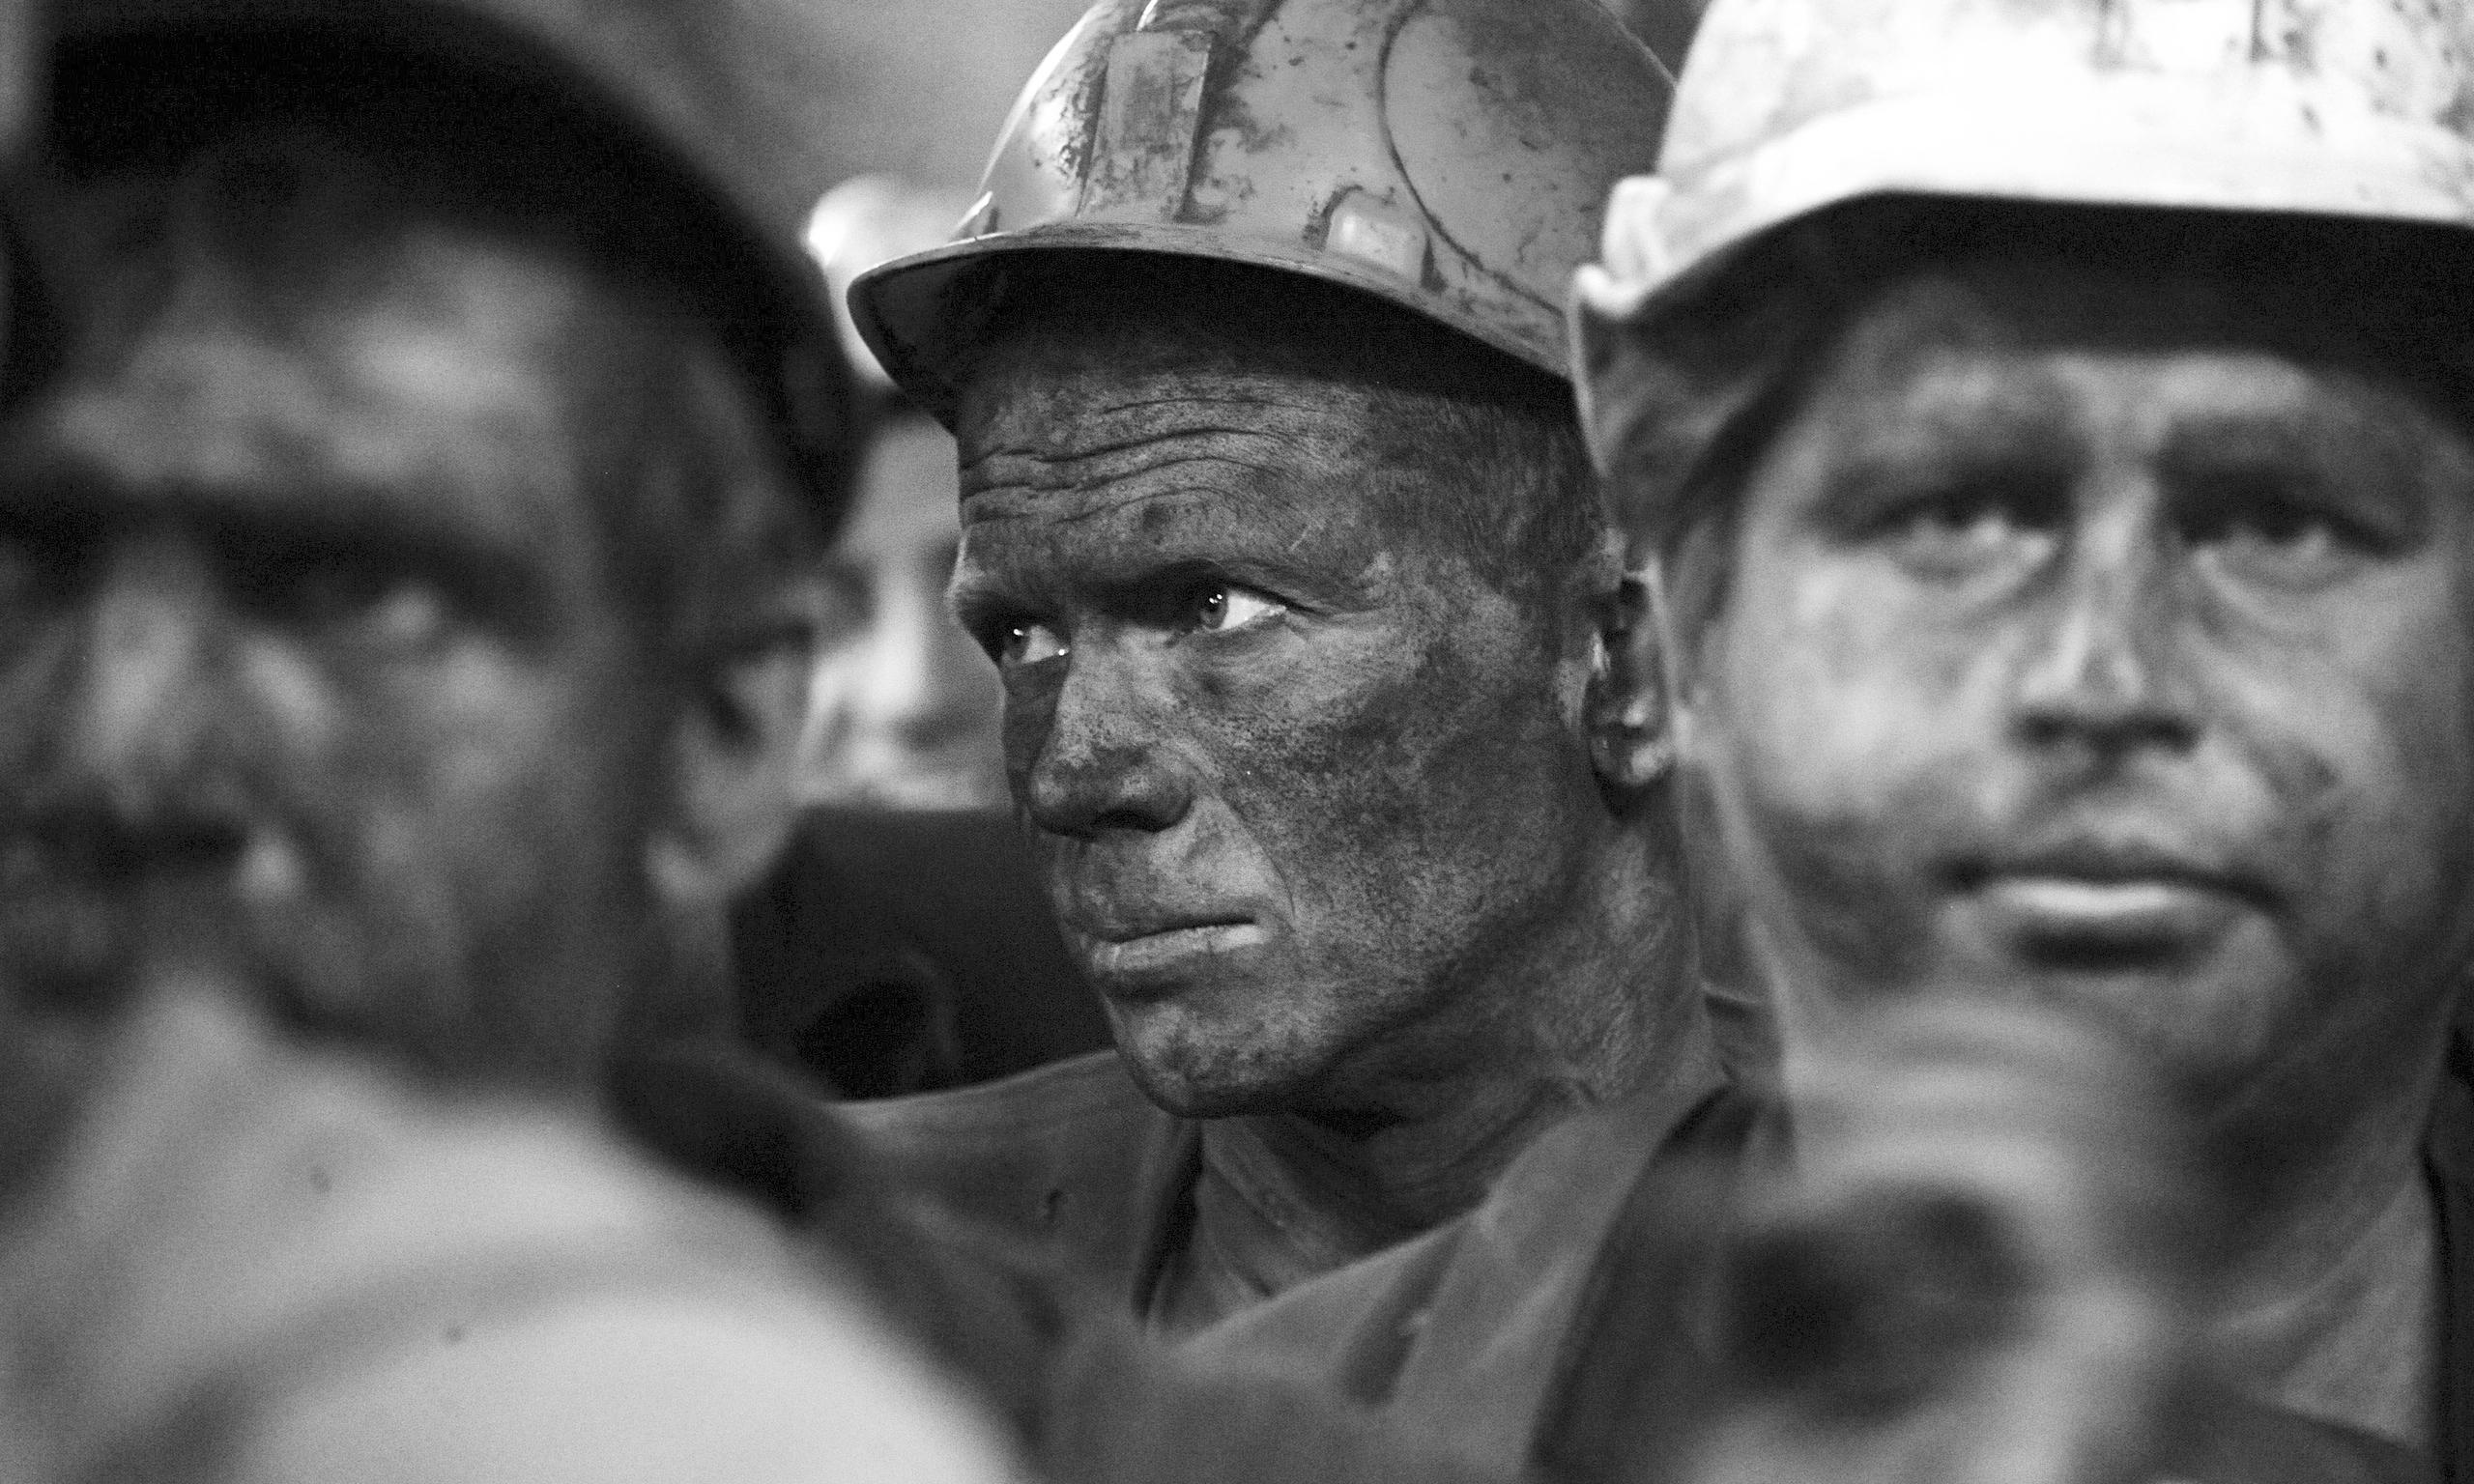 Шахтерское дежавю. На шахты возвращаются 90-е